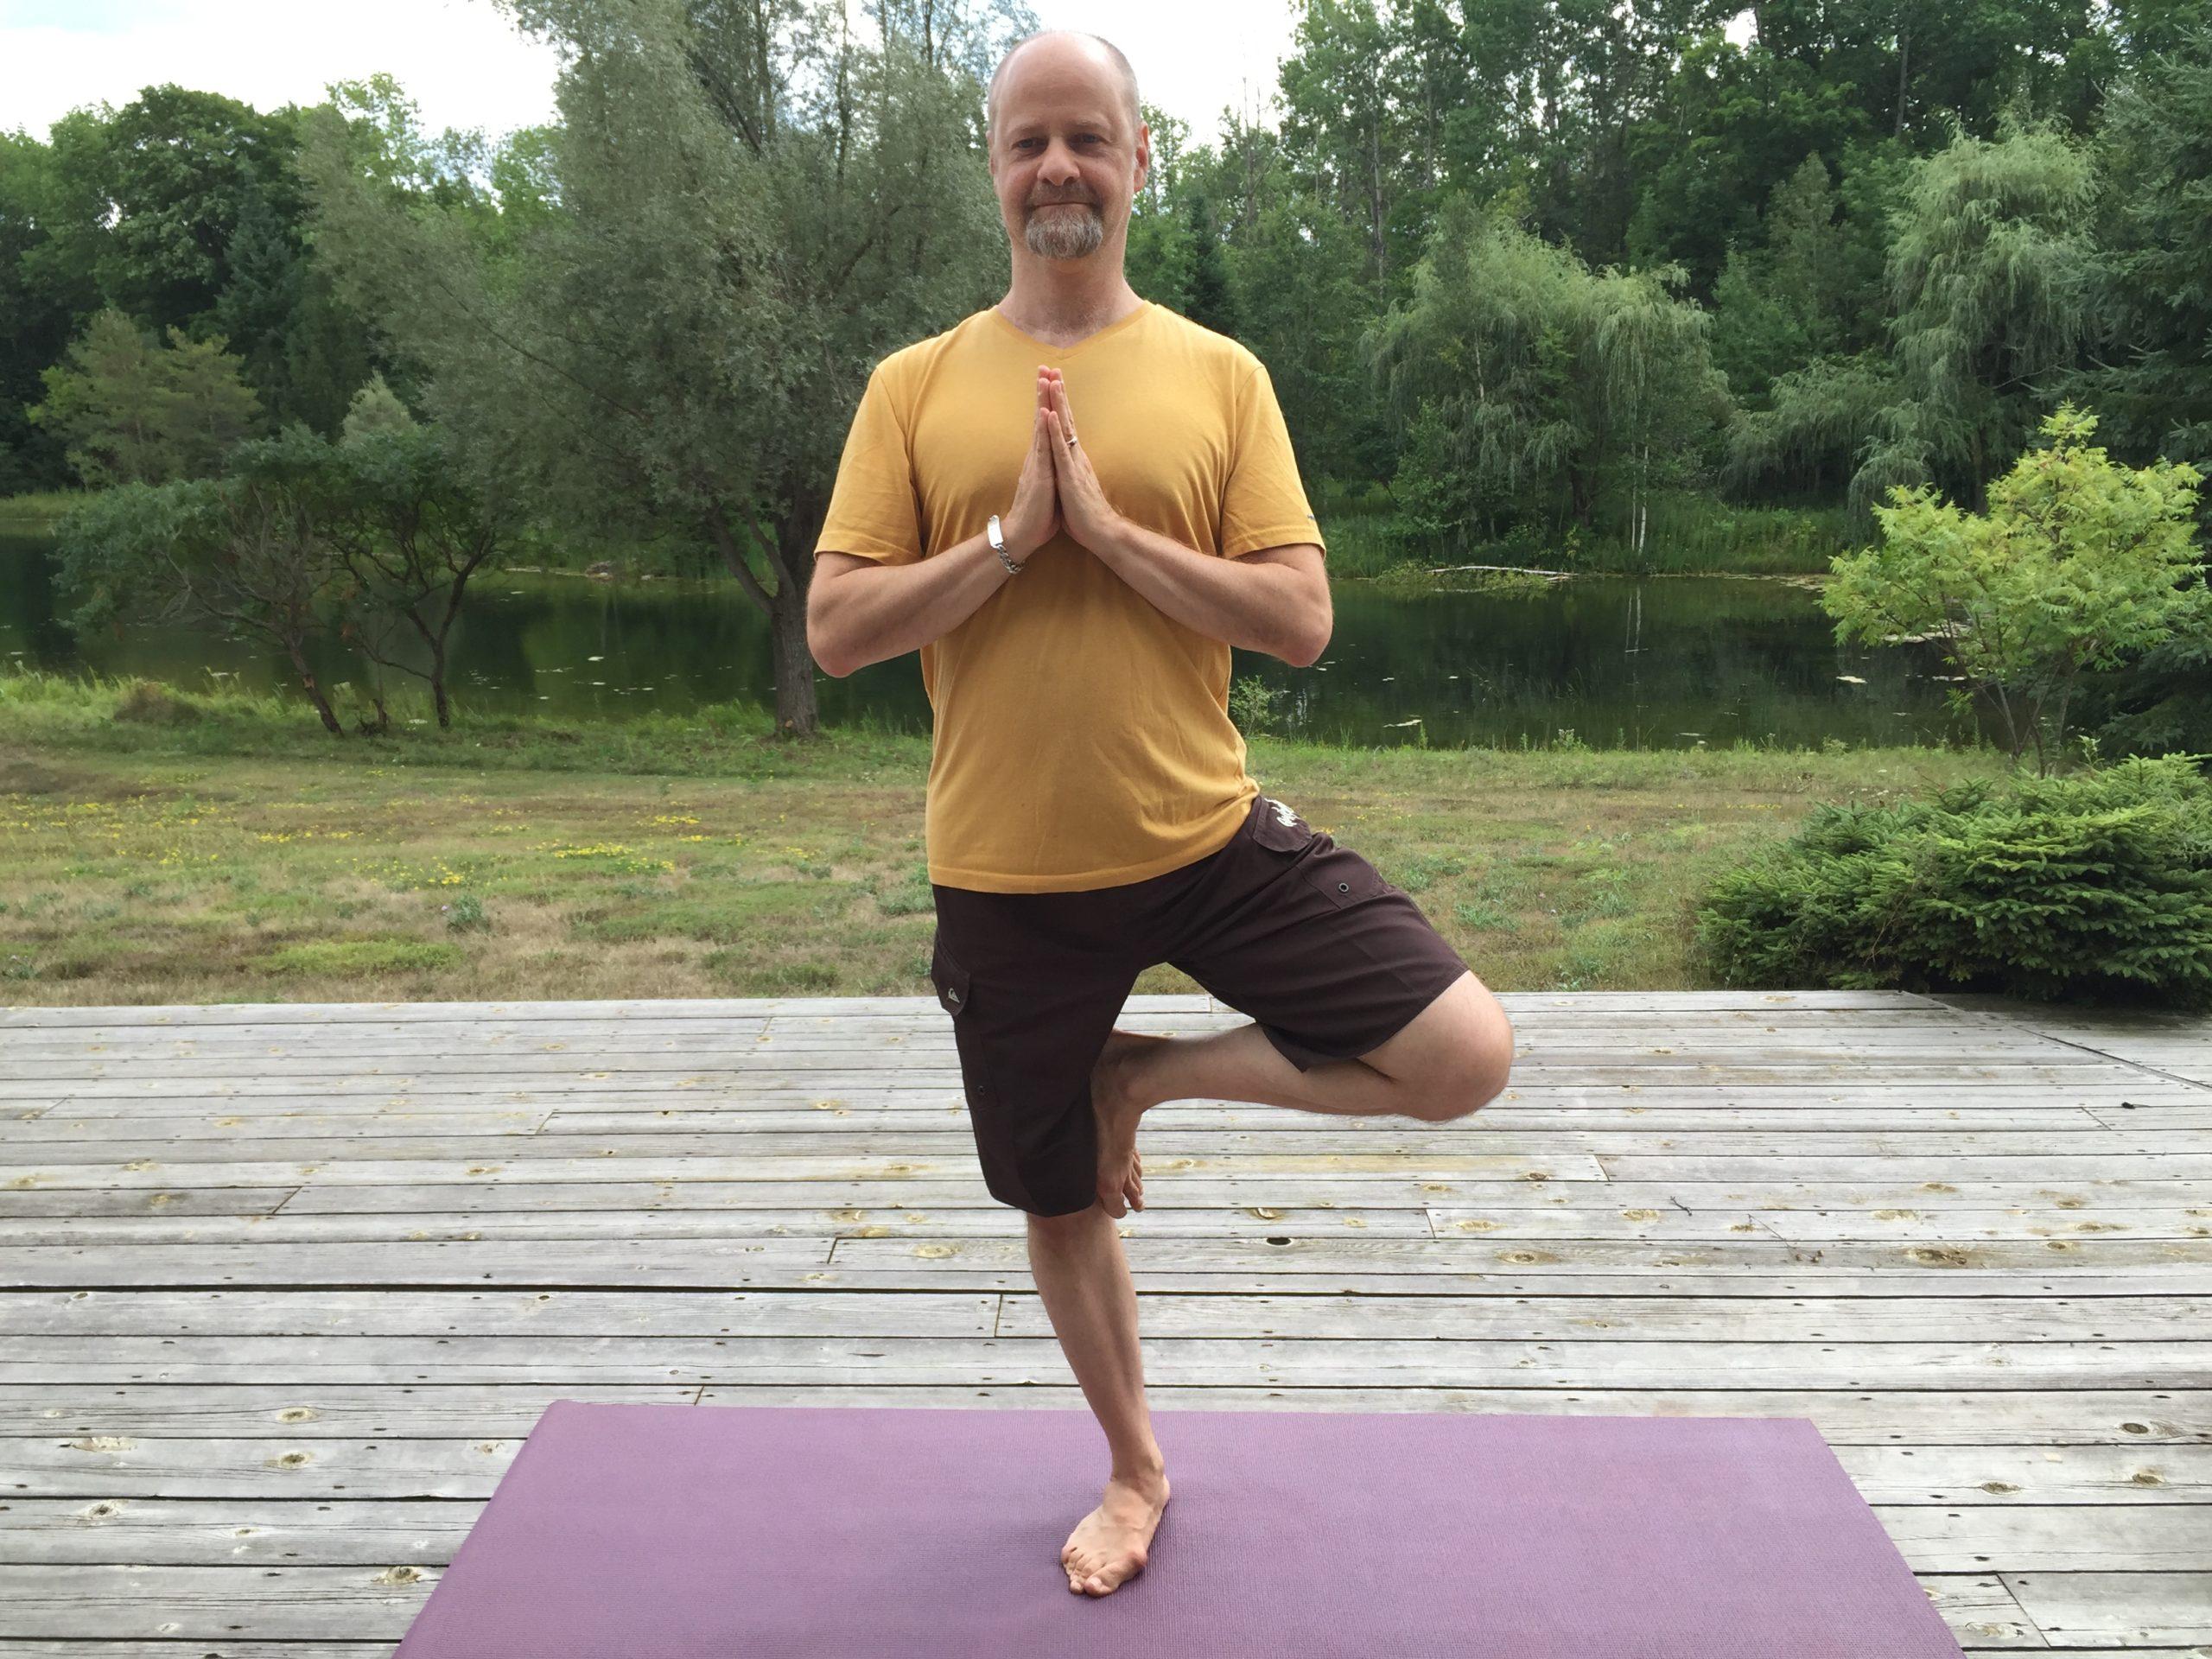 Why Yoga? I'm a Crystal Guy!